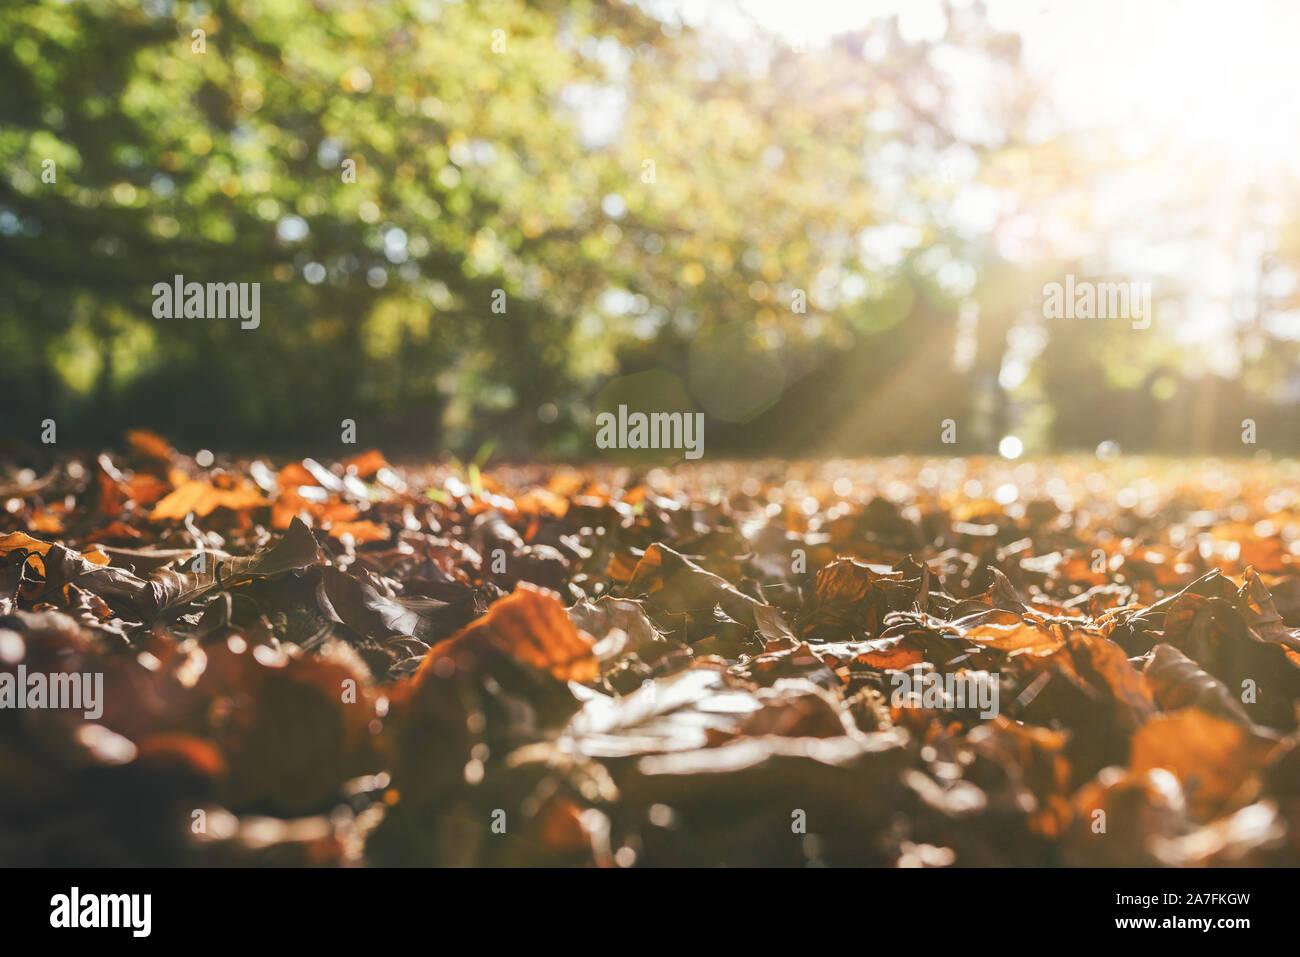 Ángulo de visión baja de la caída de las hojas en otoño en el suelo contra el verde de los árboles en la luz del sol Foto de stock